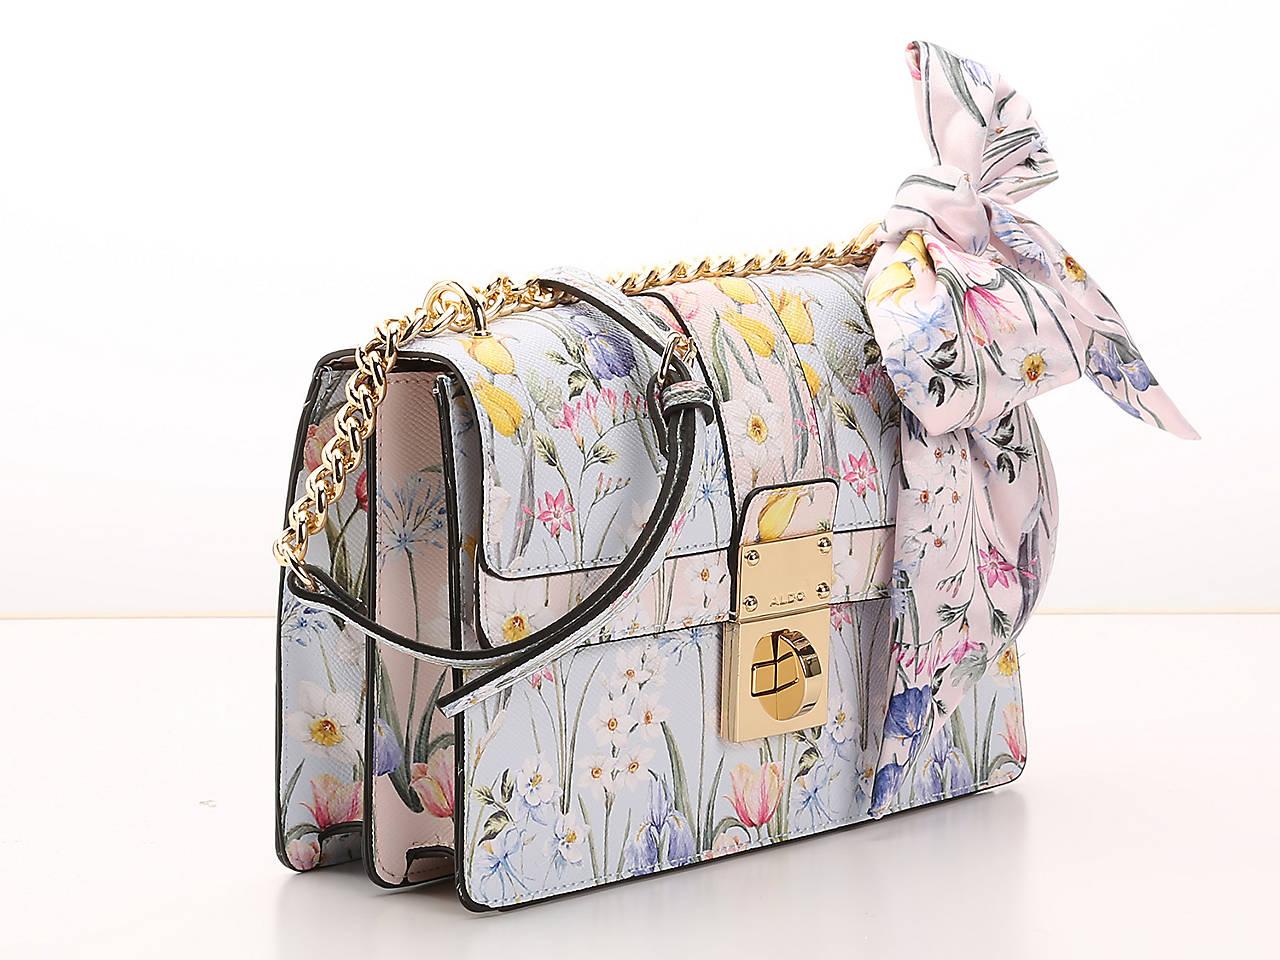 1ae5caf6a59 Aldo Cerano Crossbody Bag Women s Handbags   Accessories